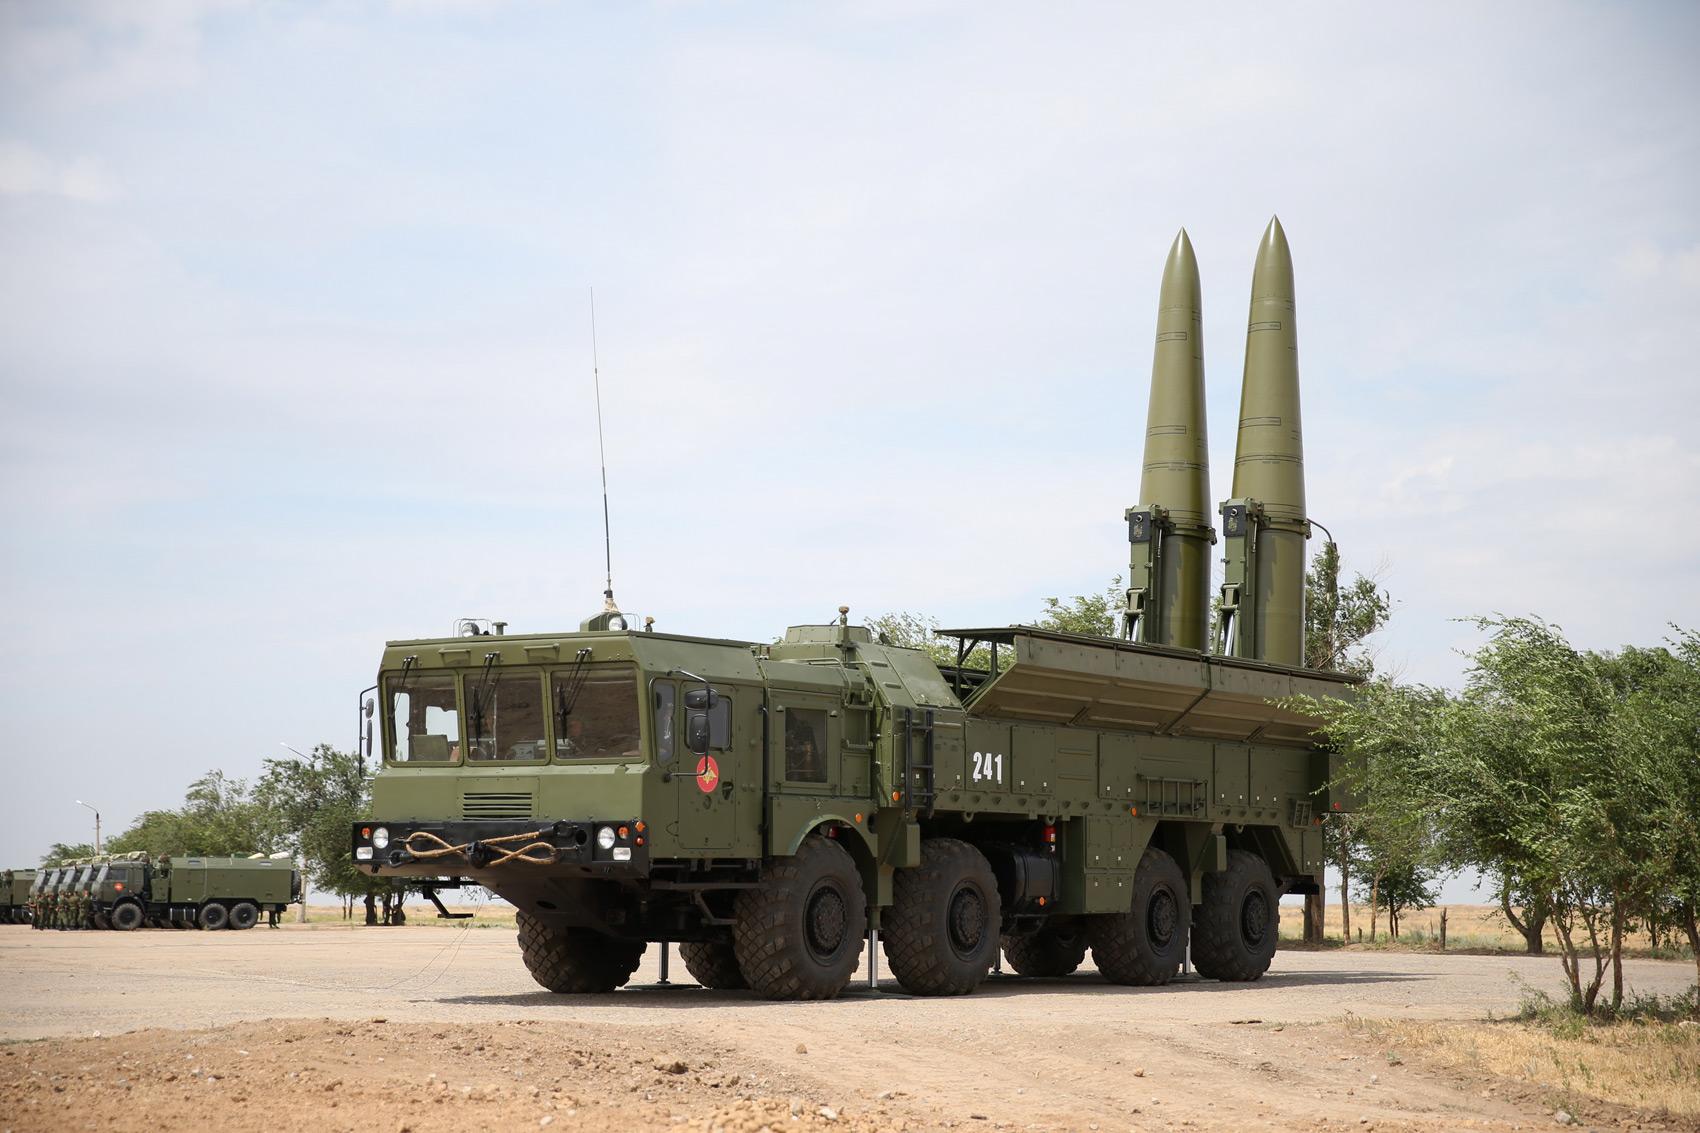 Панцирь-С1 неоднократно сбивал ракеты террористов в Сирии заявил эксперт